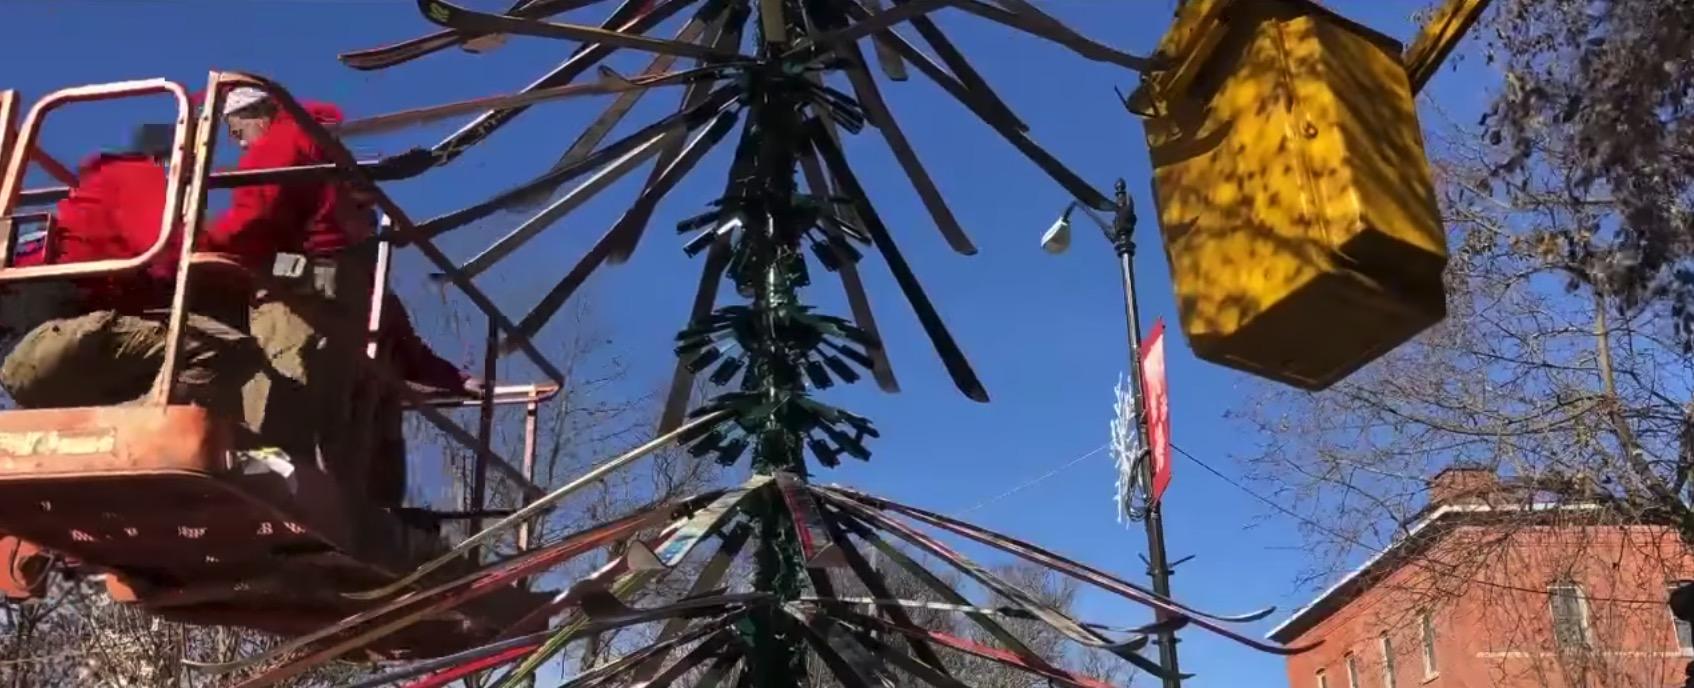 Wann Wird In New York Der Weihnachtsbaum Aufgestellt.Weihnachtsbaum Aus Ski In Den Usa Aufgestellt